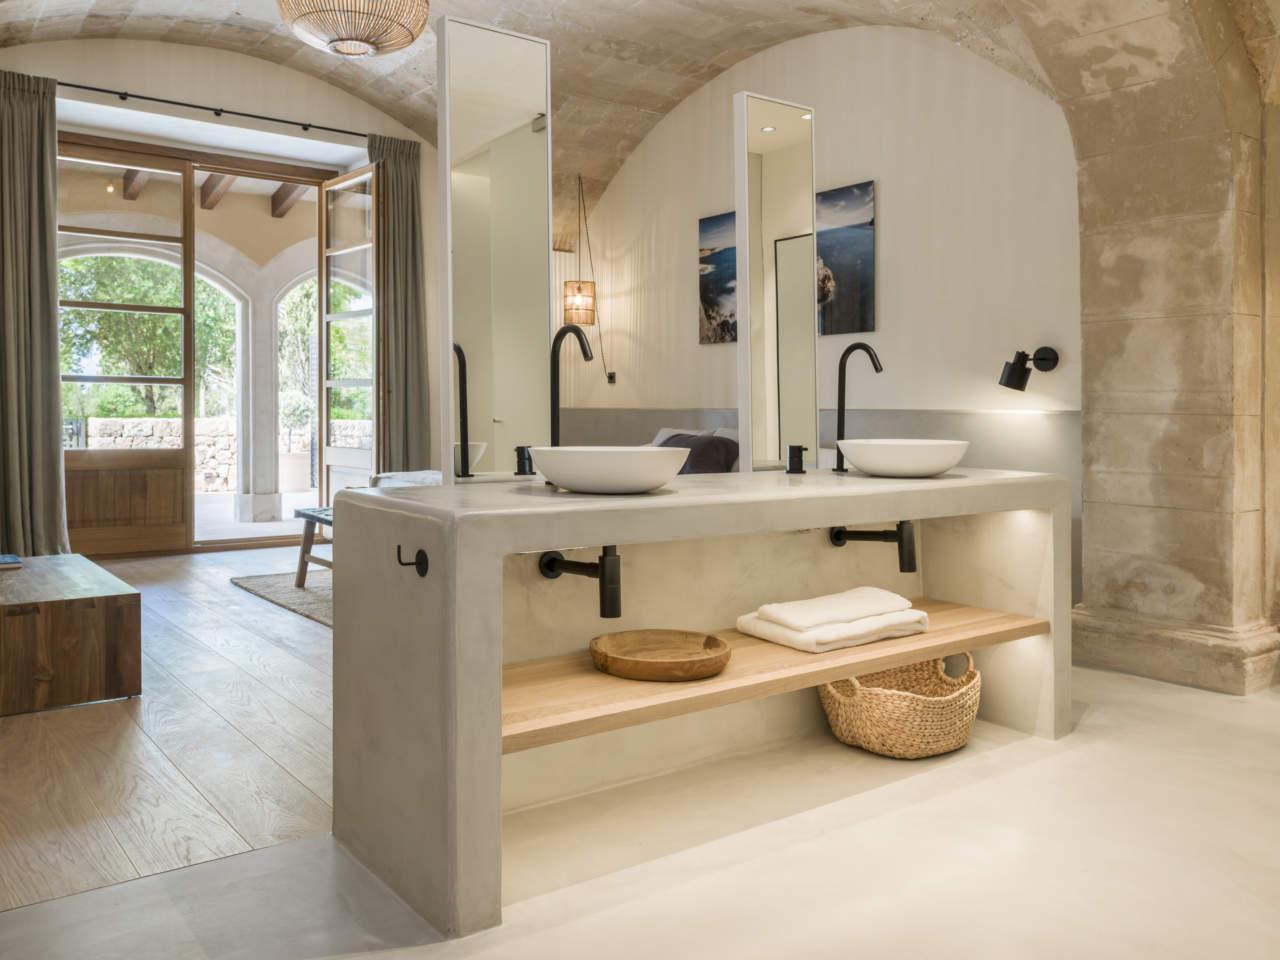 Bagni arredati country la migliore scelta di casa e interior design